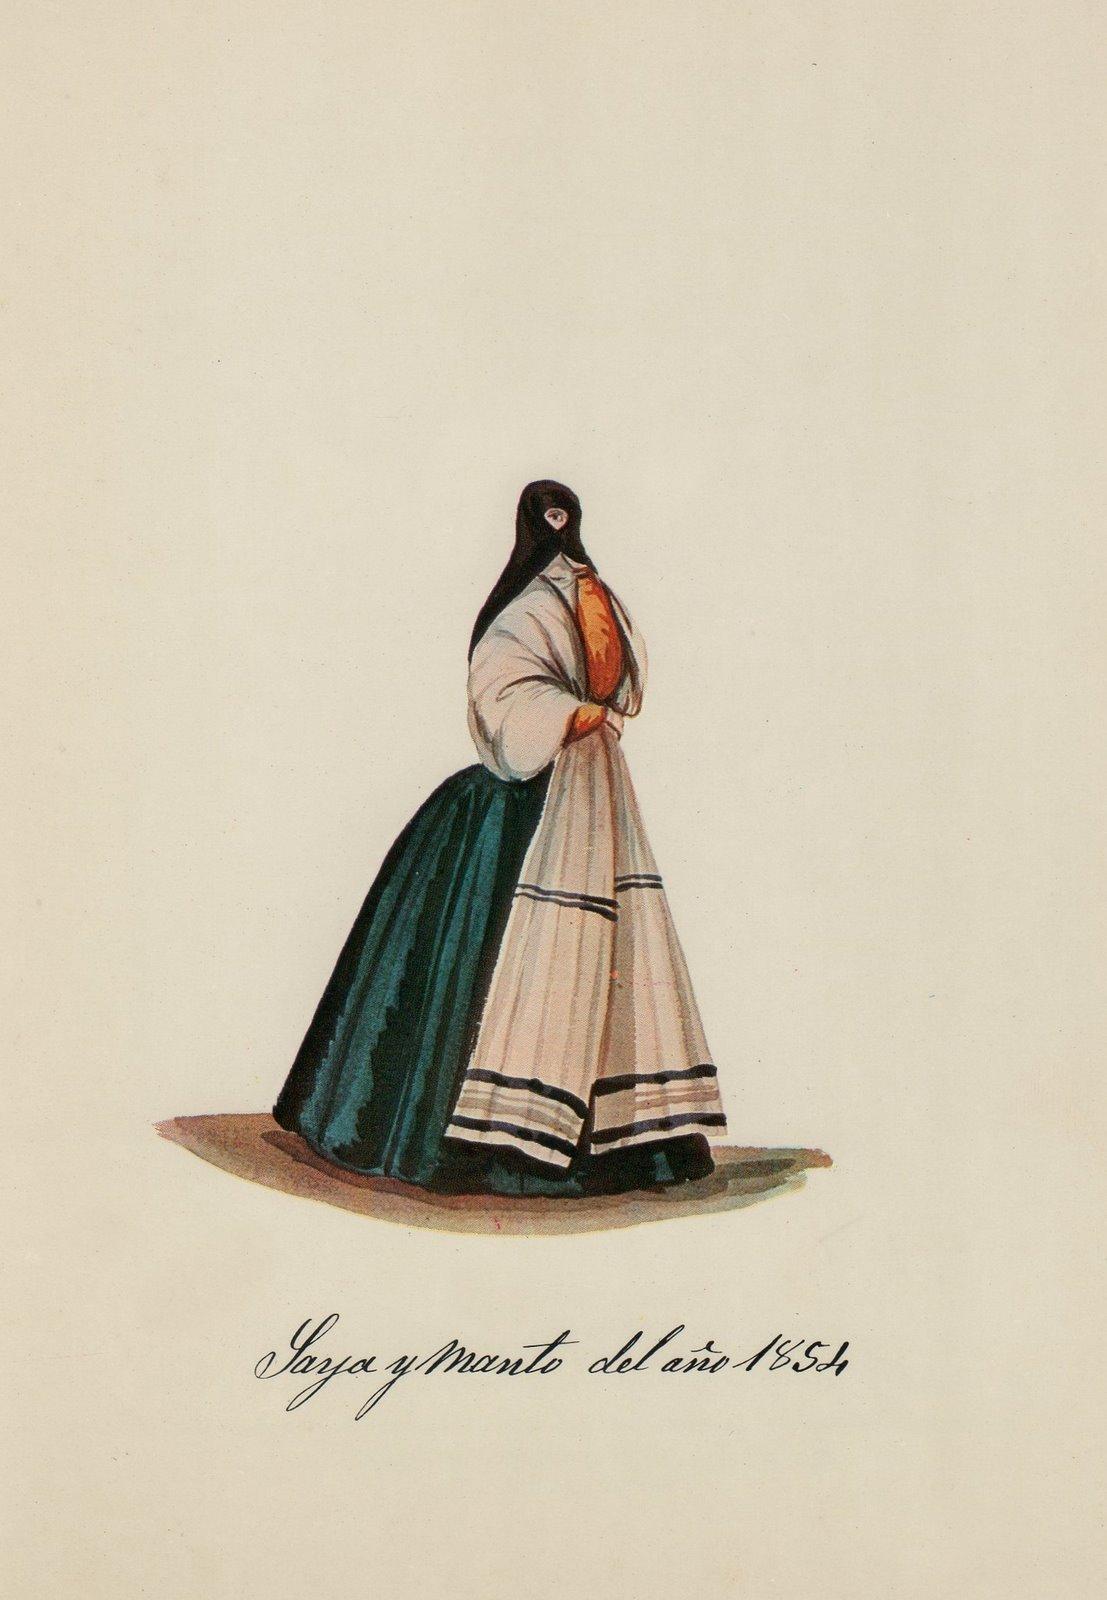 Archivo:Saya y Manto del año 1854.jpg - Wikipedia, la enciclopedia libre